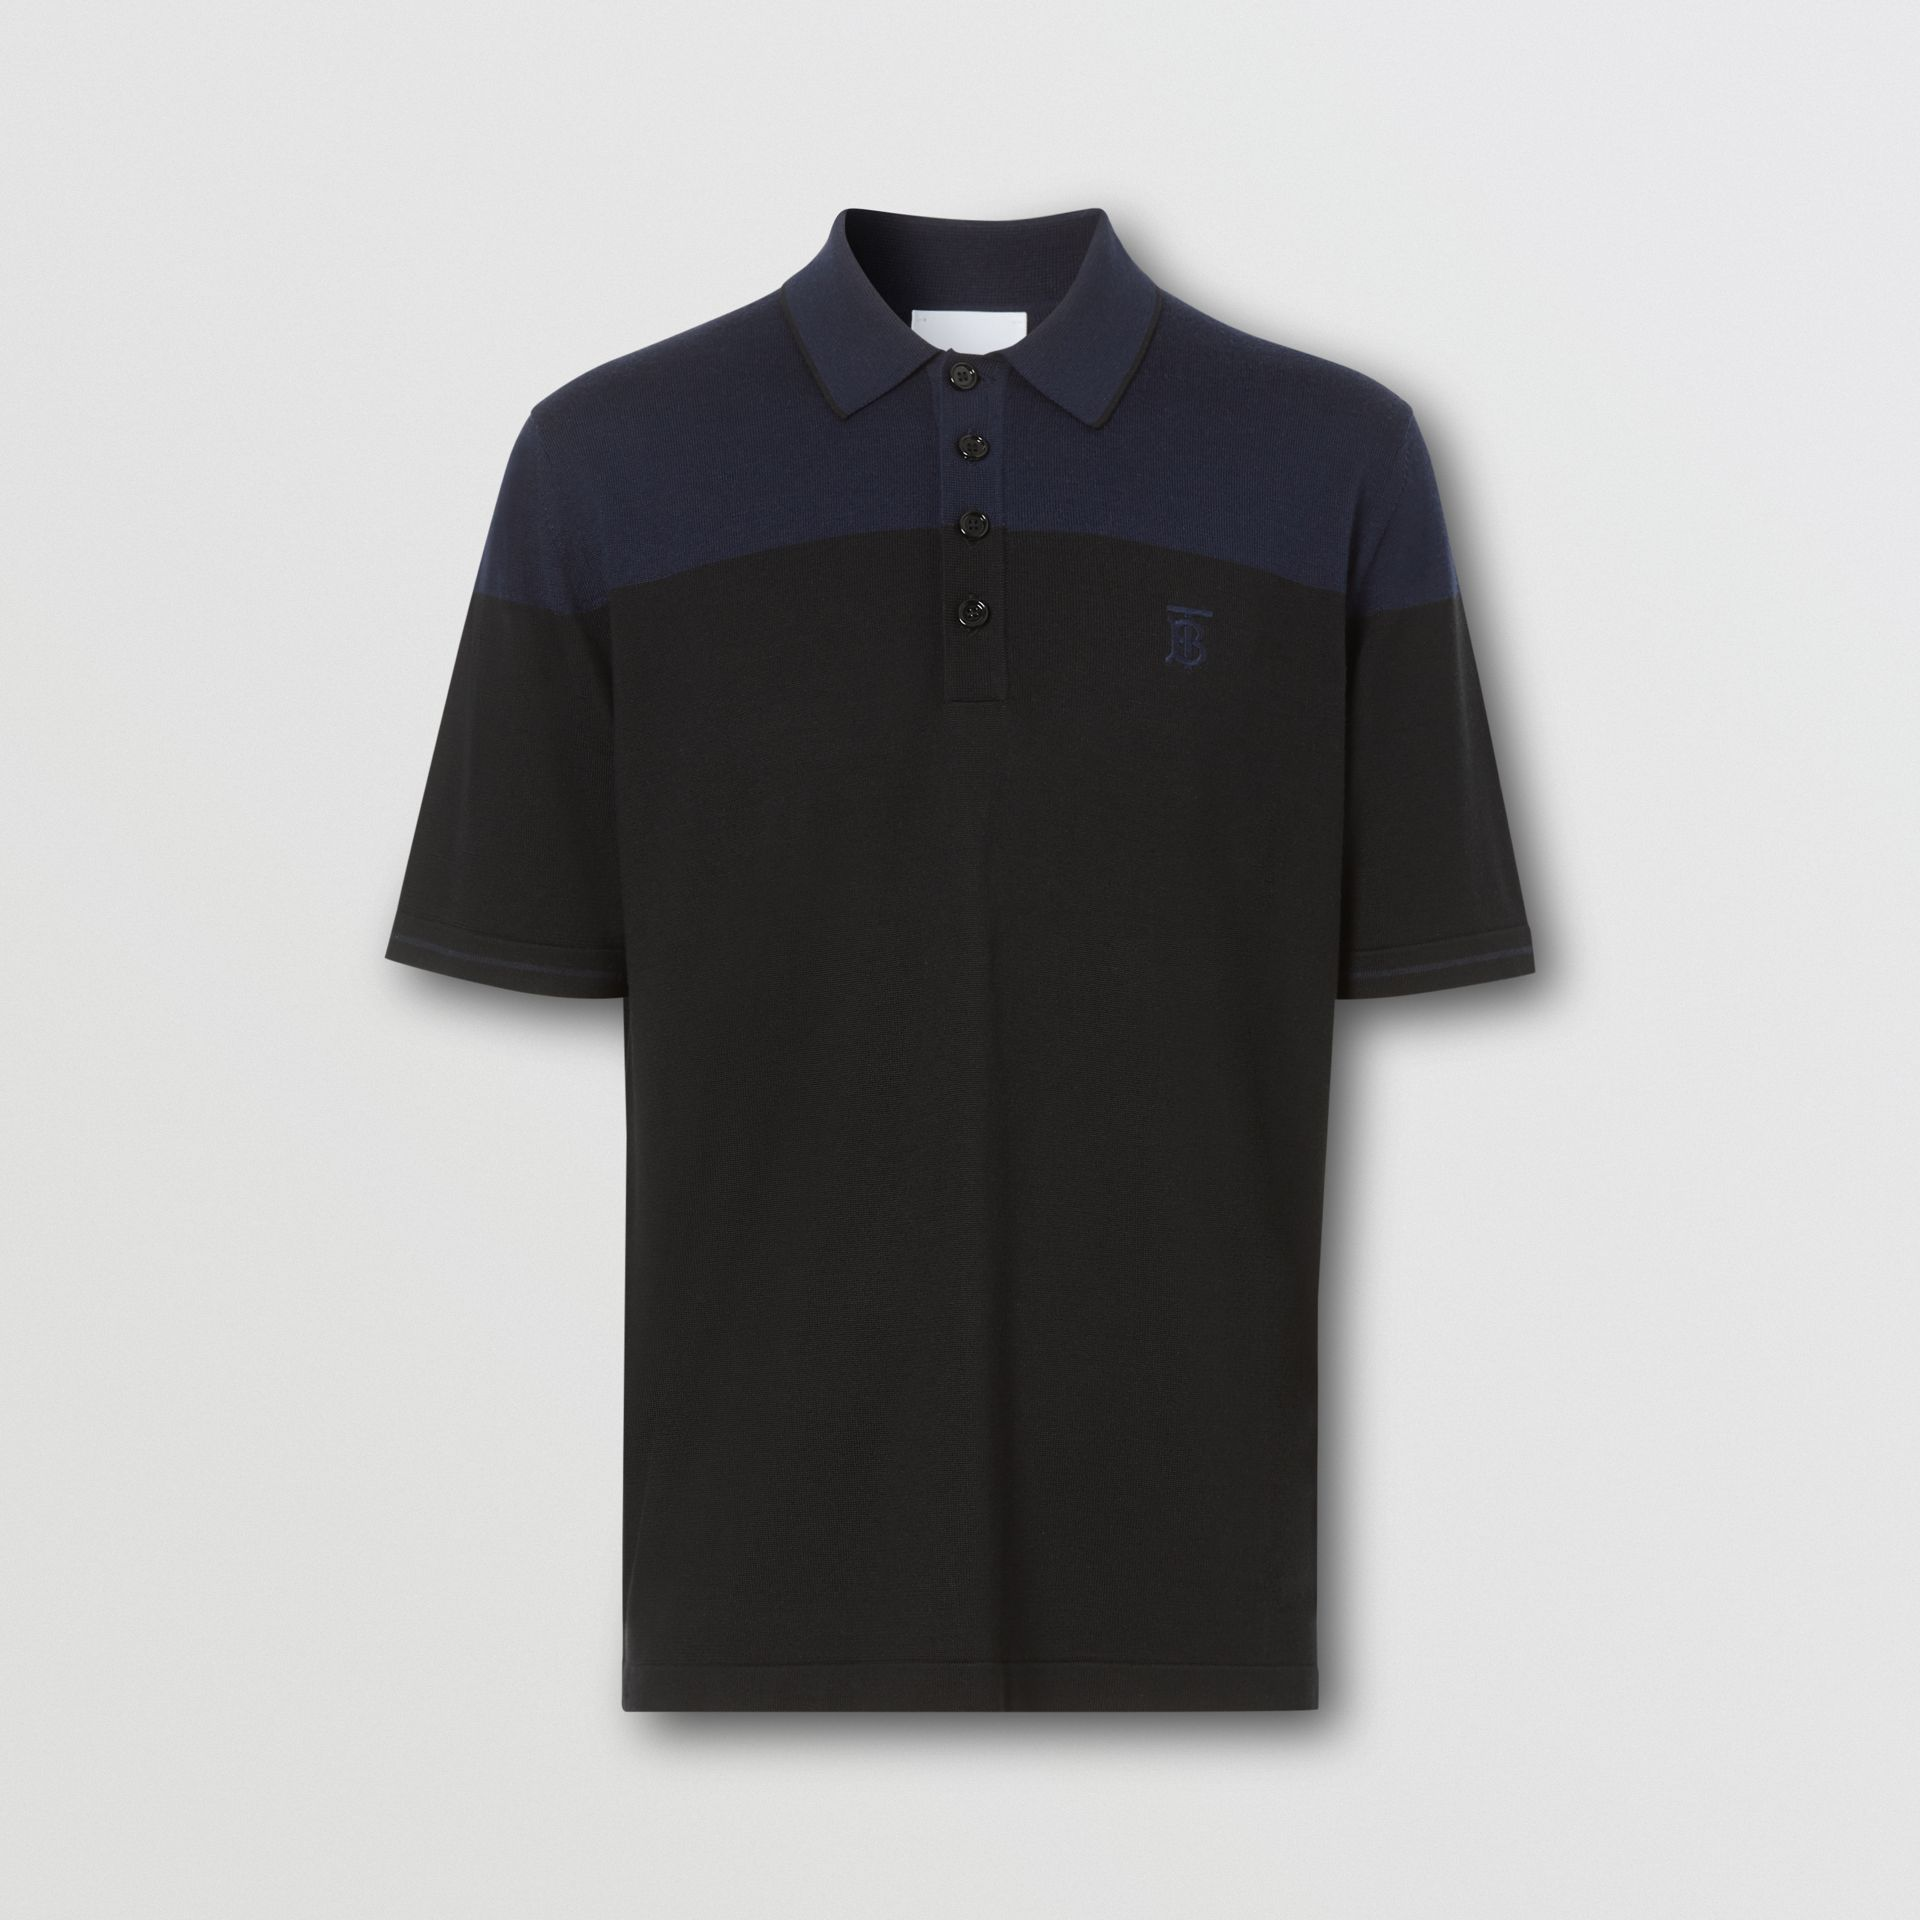 モノグラムモチーフ ツートン シルクカシミア ポロシャツ (ブラック/ネイビー) - メンズ | バーバリー - ギャラリーイメージ 3